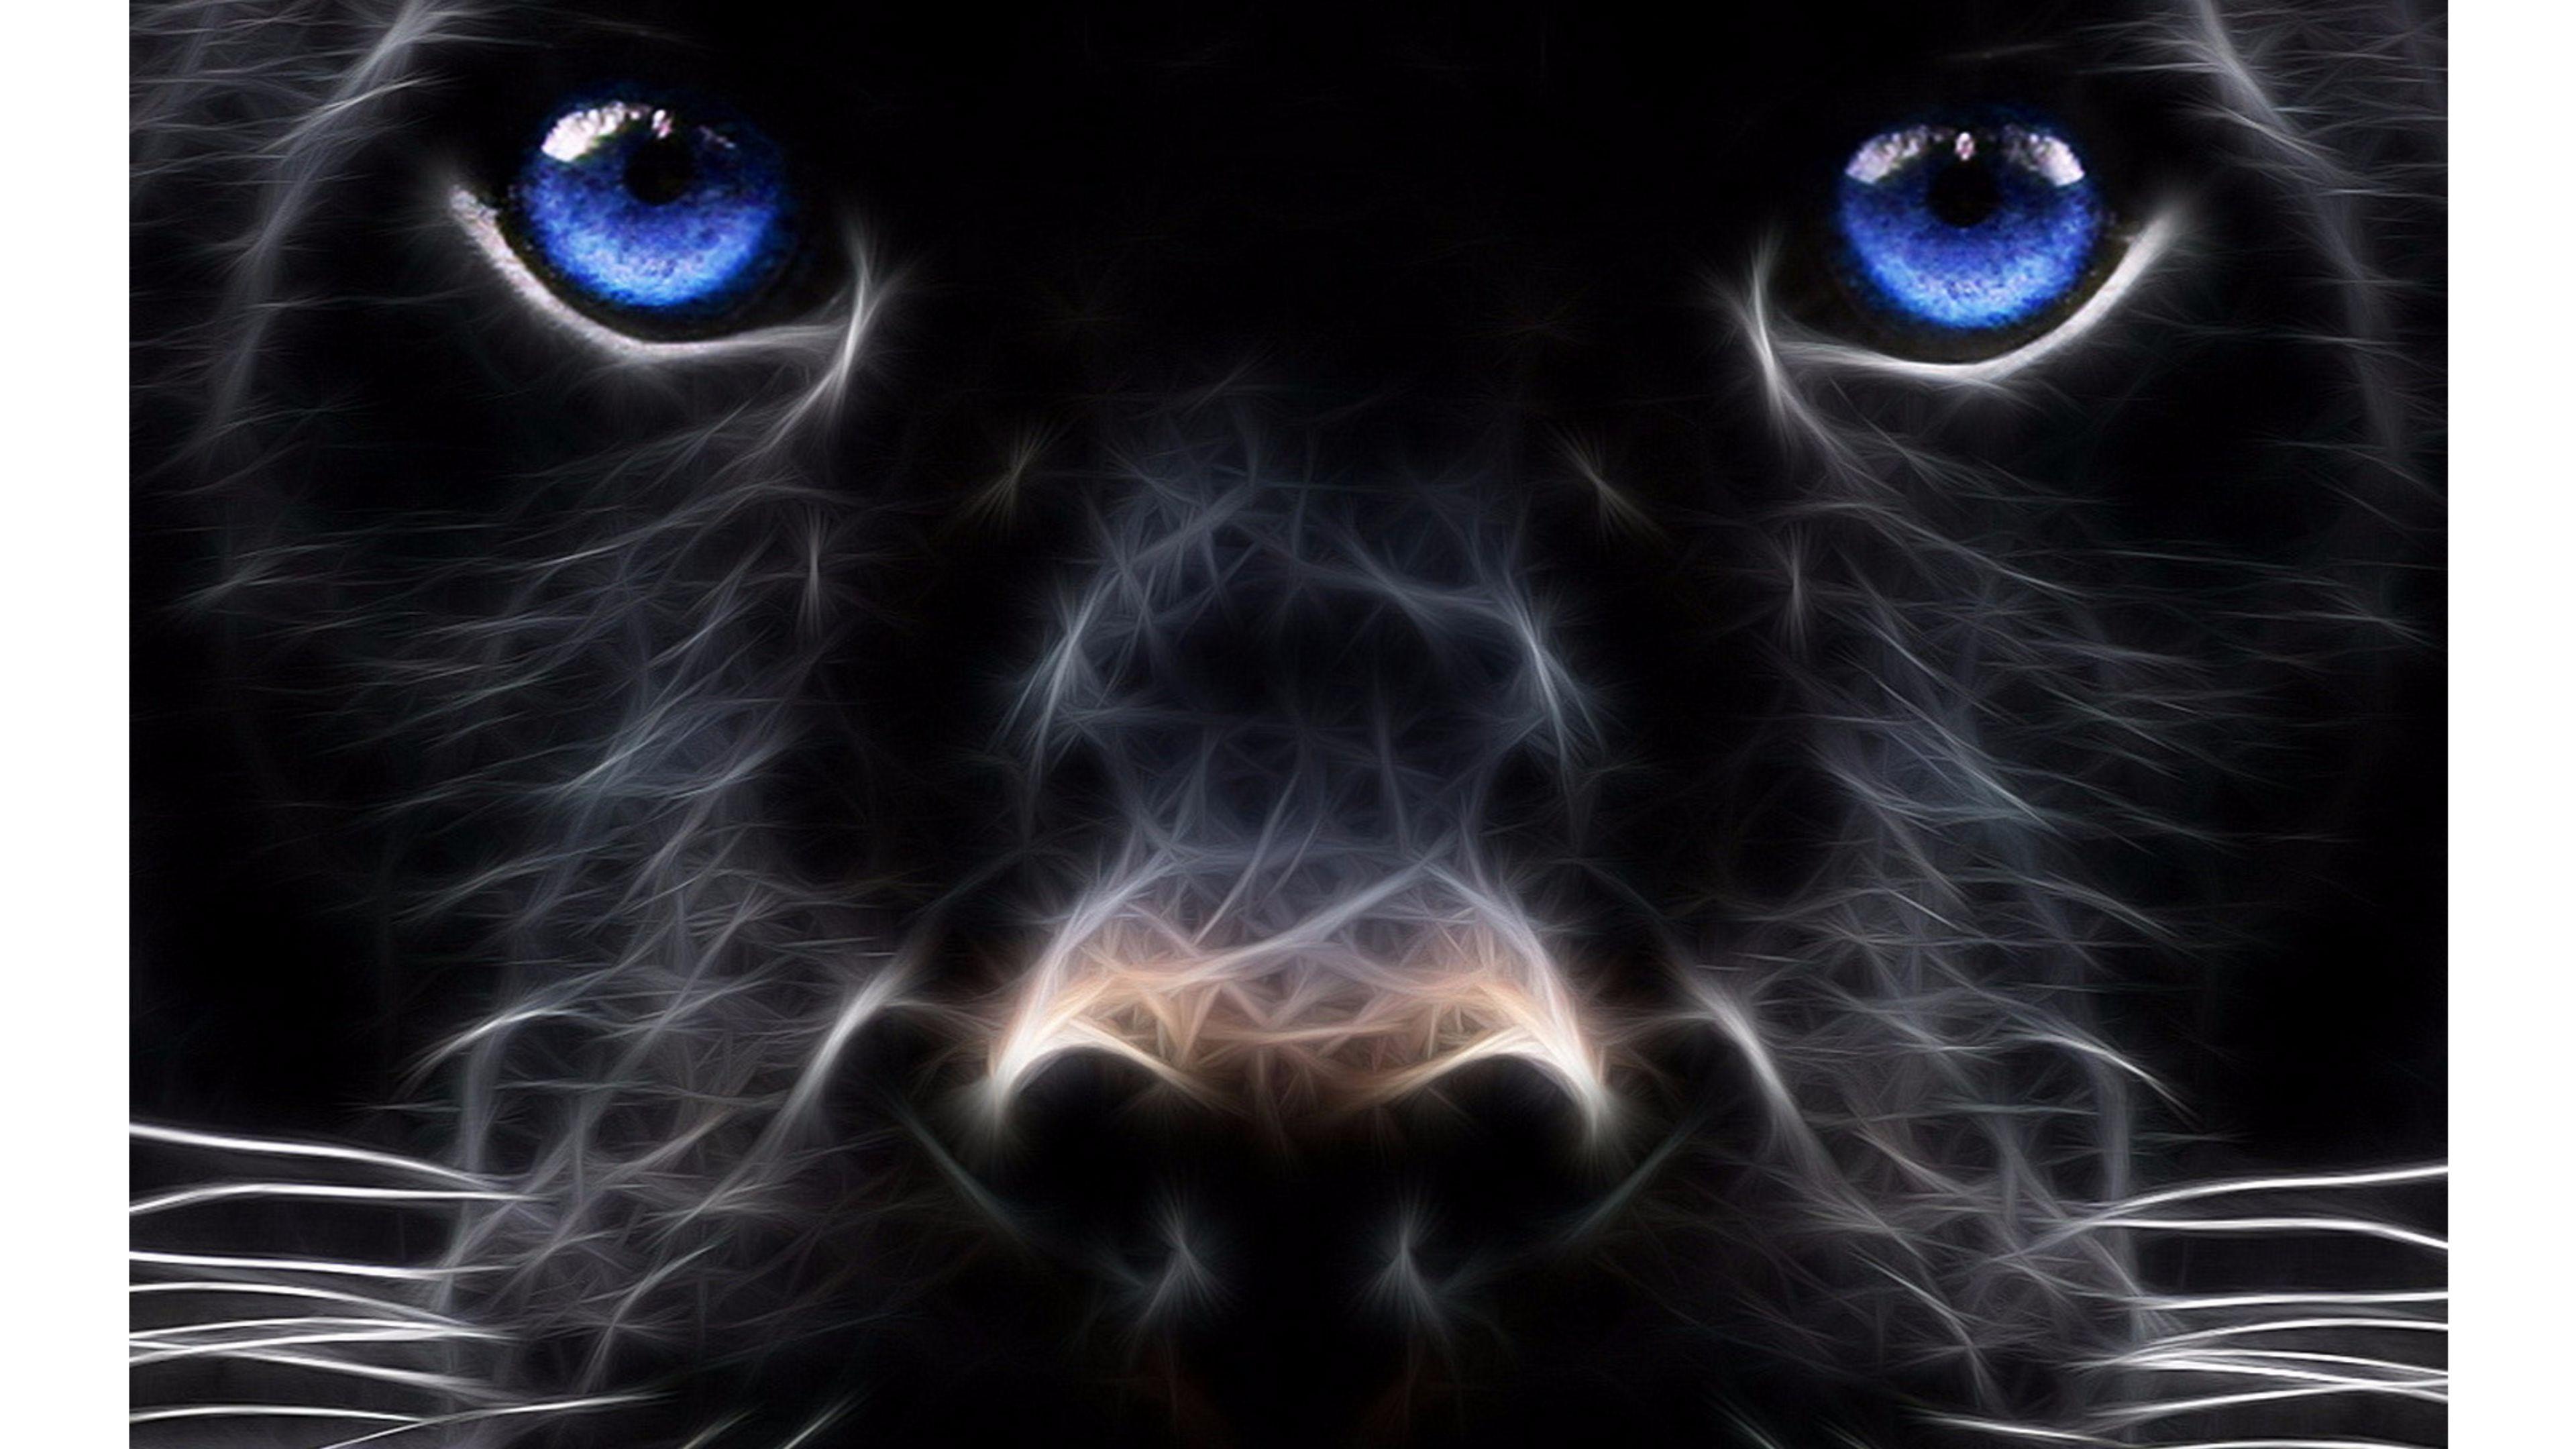 خلفيات كمبيوتر ثلاثية الأبعاد 3d Wallpapers Desktop Backgrounds Tecnologis Black Panther Hd Wallpaper Jaguar Wallpaper Animals